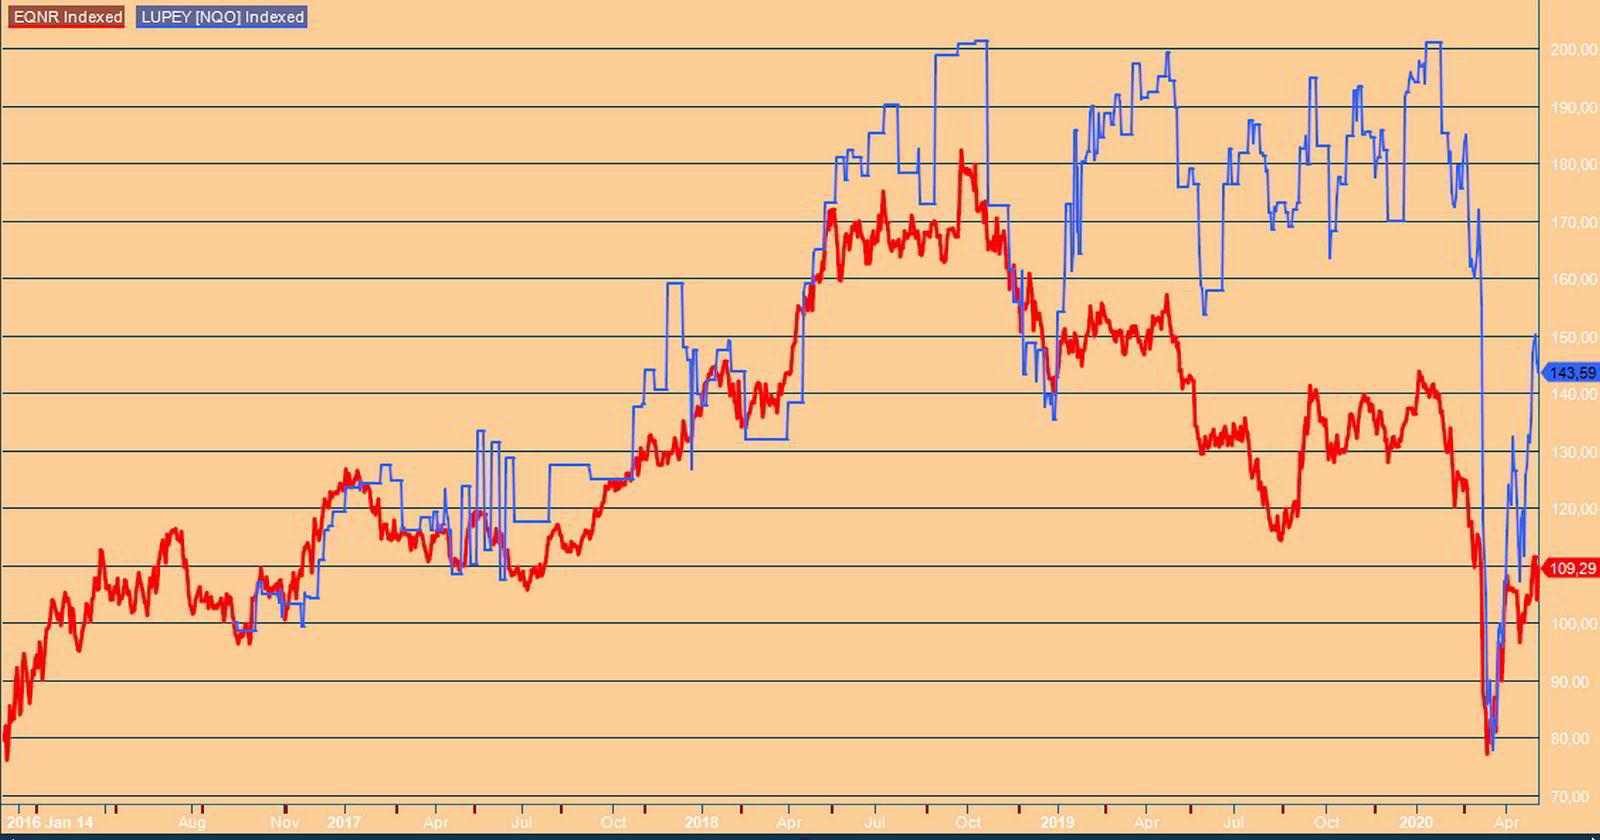 Equinor selger Lundin-aksjer. Lundin-aksjen har klart seg bedre enn Equinor-aksjen siden Equinor kom inn som medaksjonær i januar 2016. Kurser indeksert til 100 i januar 2016.